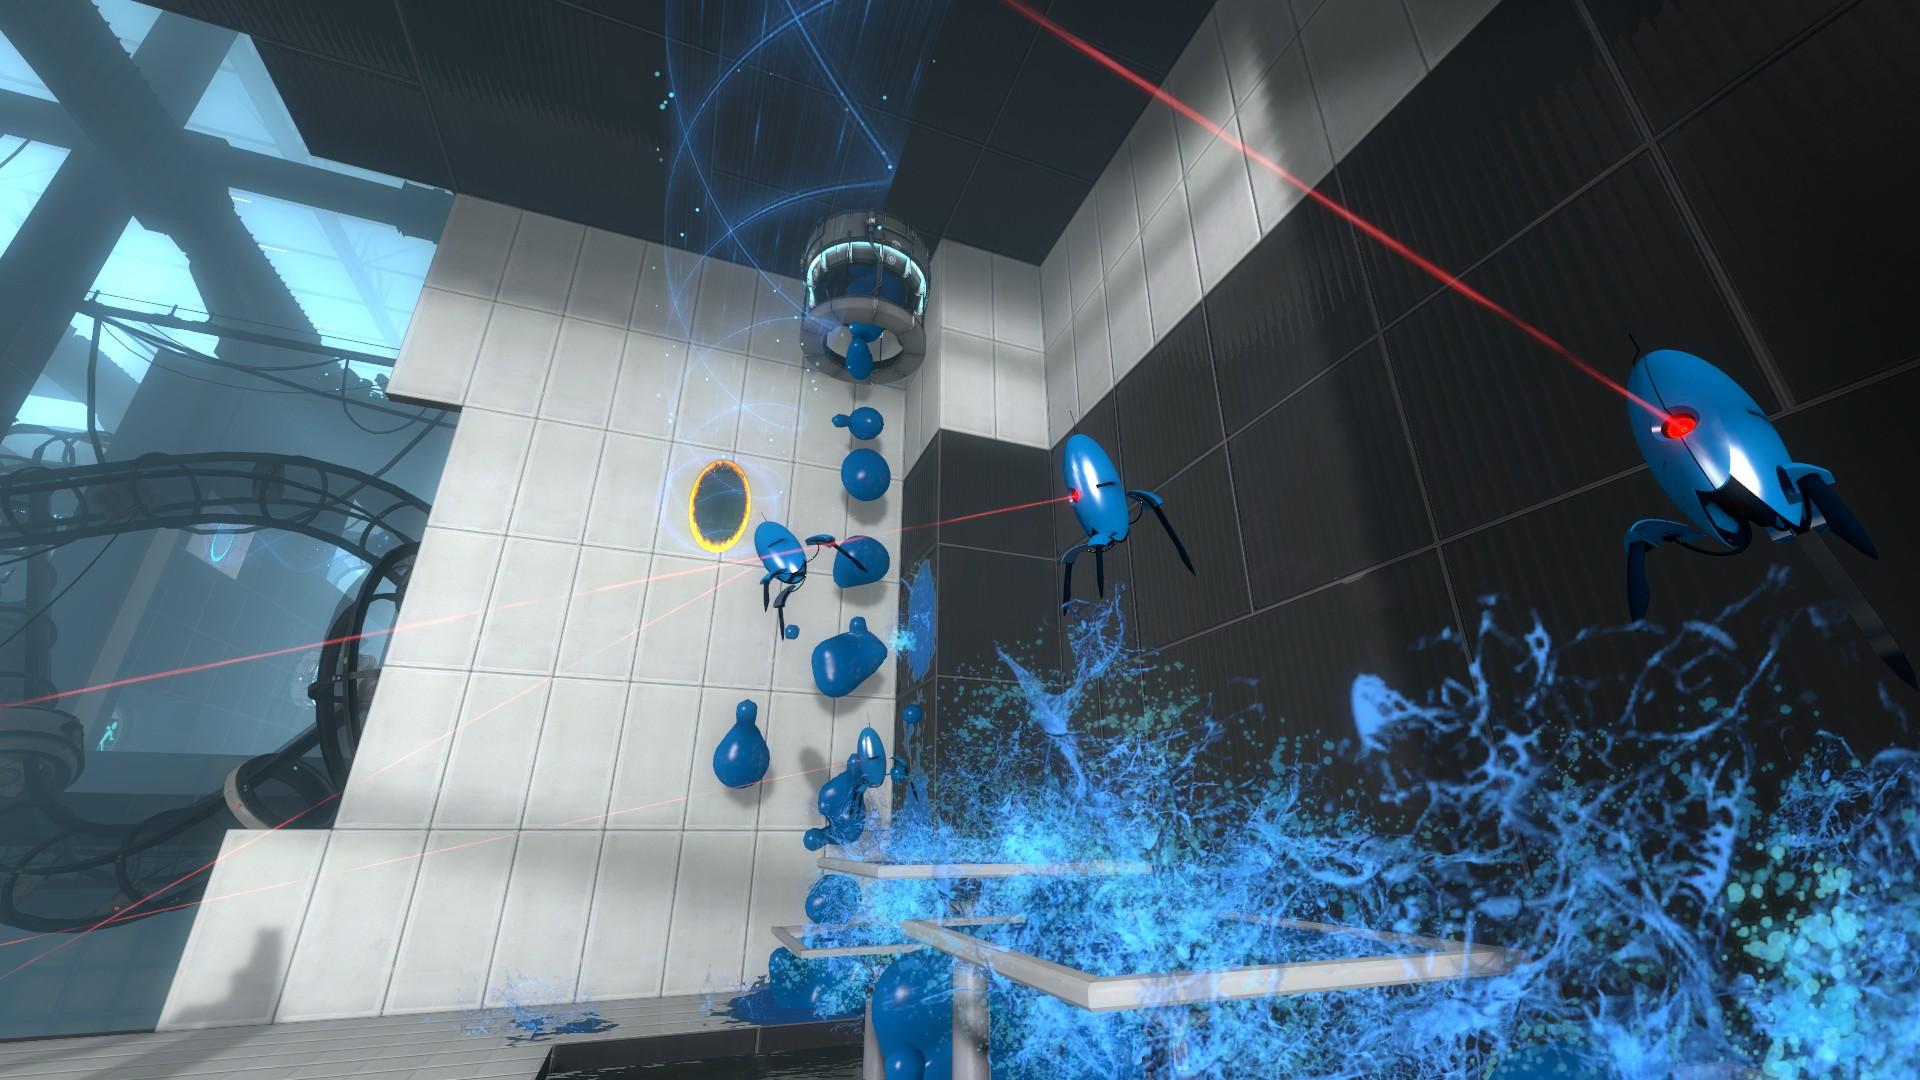 Nuevos robots para Portal 2 revelados durante la PAX 2010 [Video]